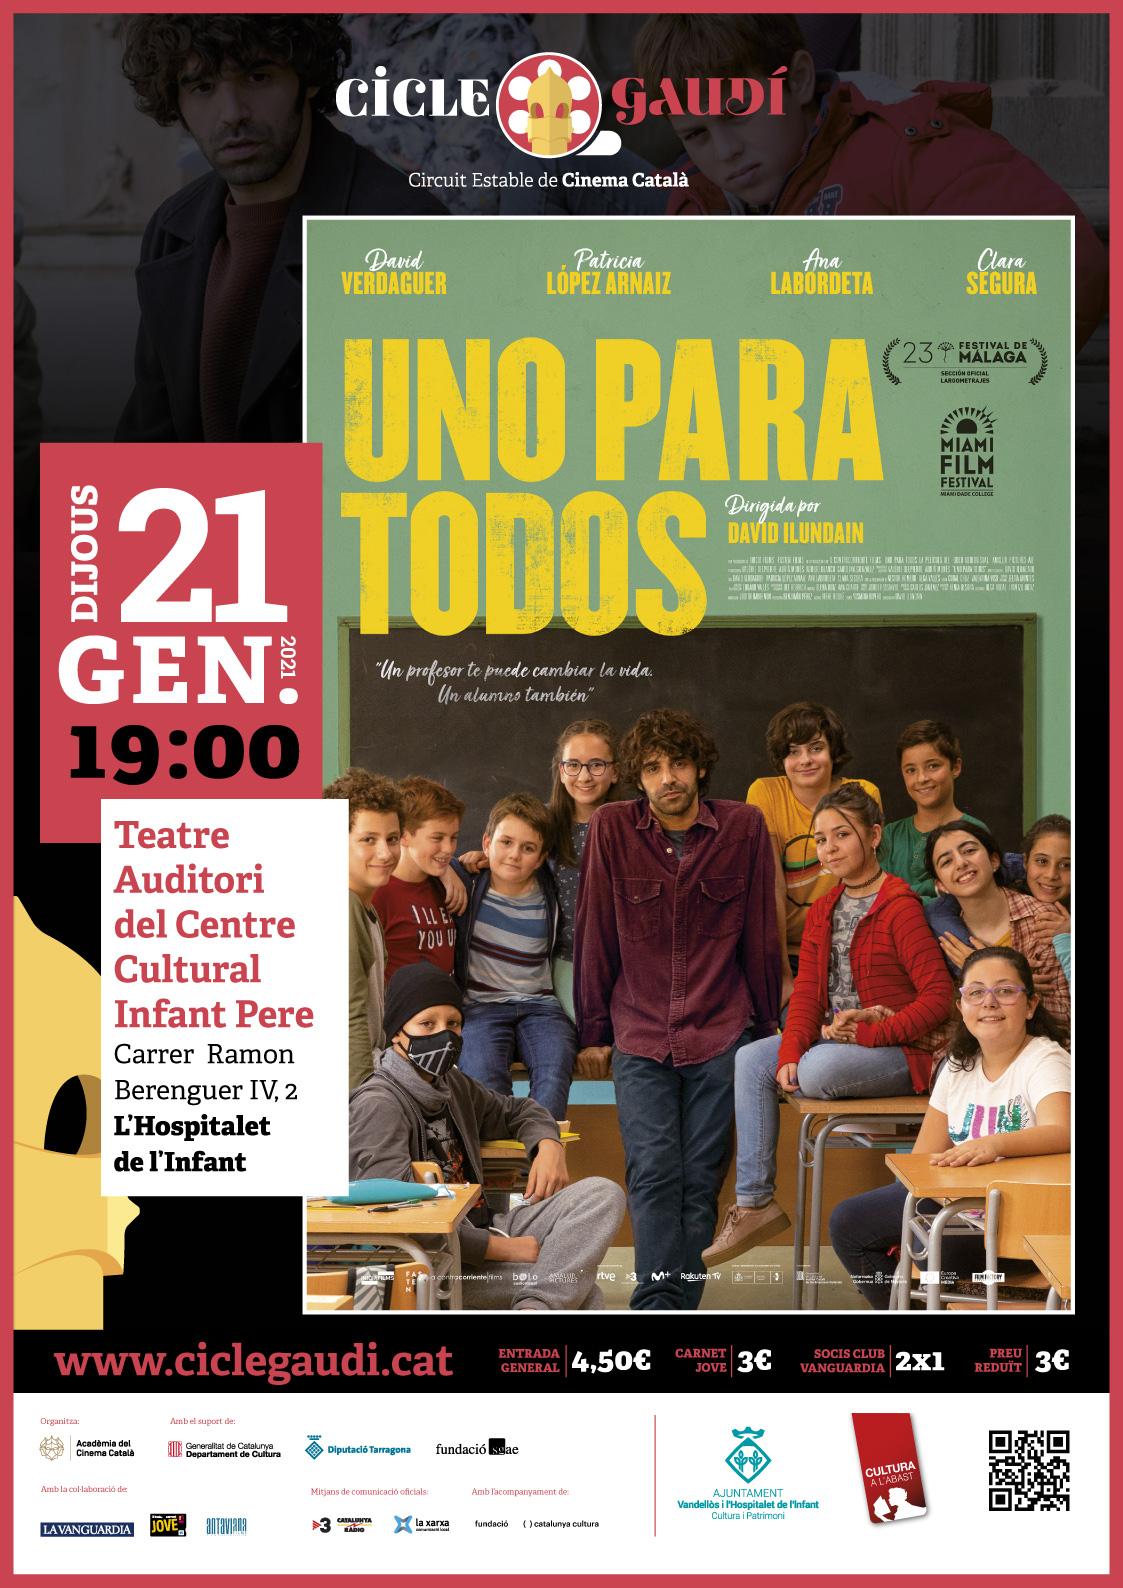 Cinema Cicle Gaudí: UNO PARA TODOS